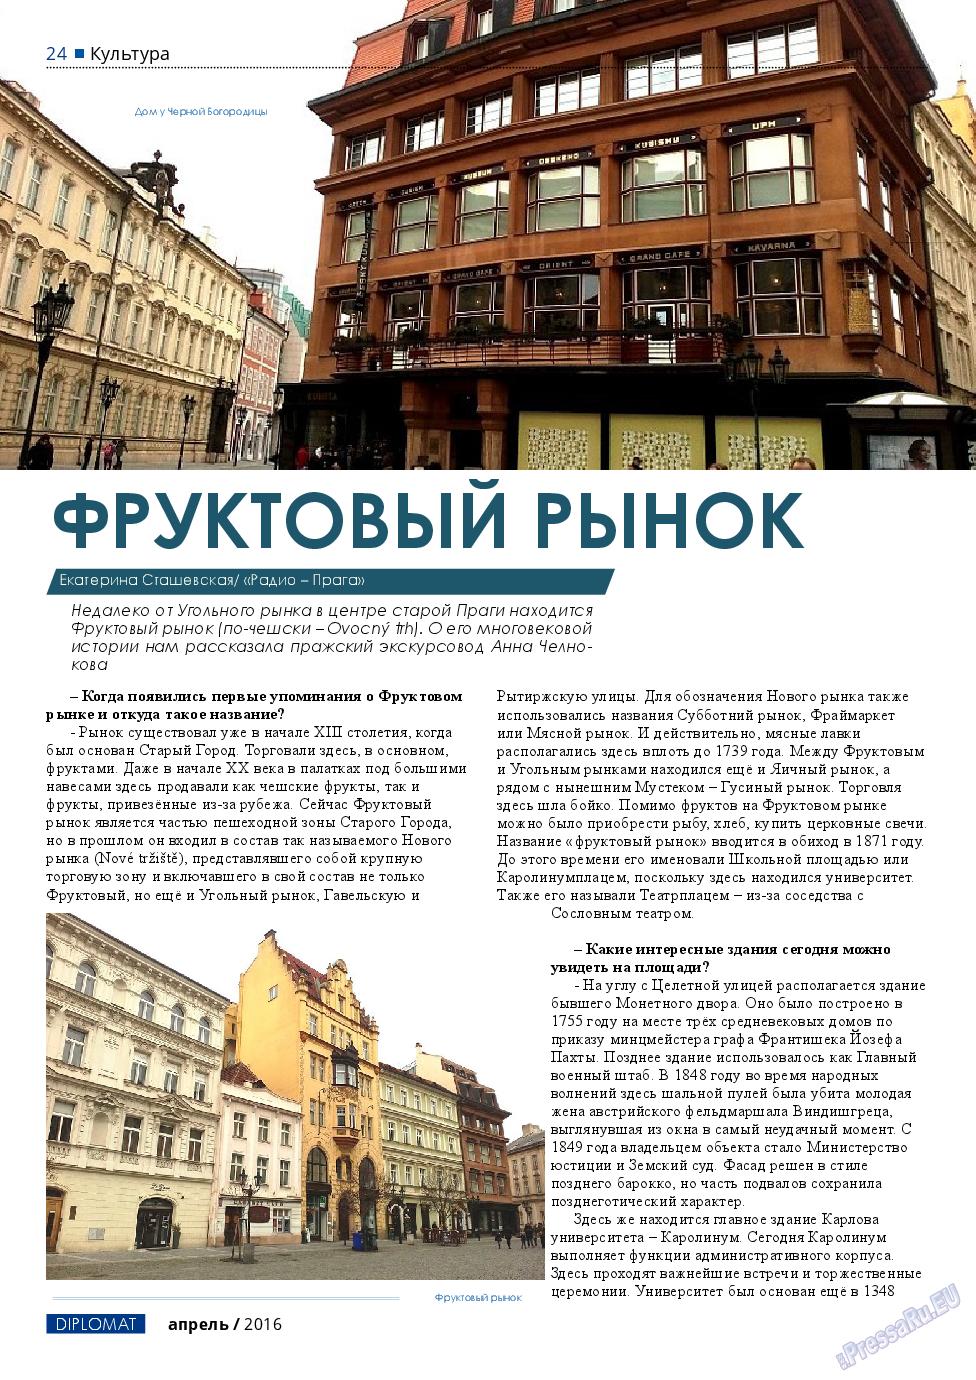 Diplomat (газета). 2016 год, номер 79, стр. 24